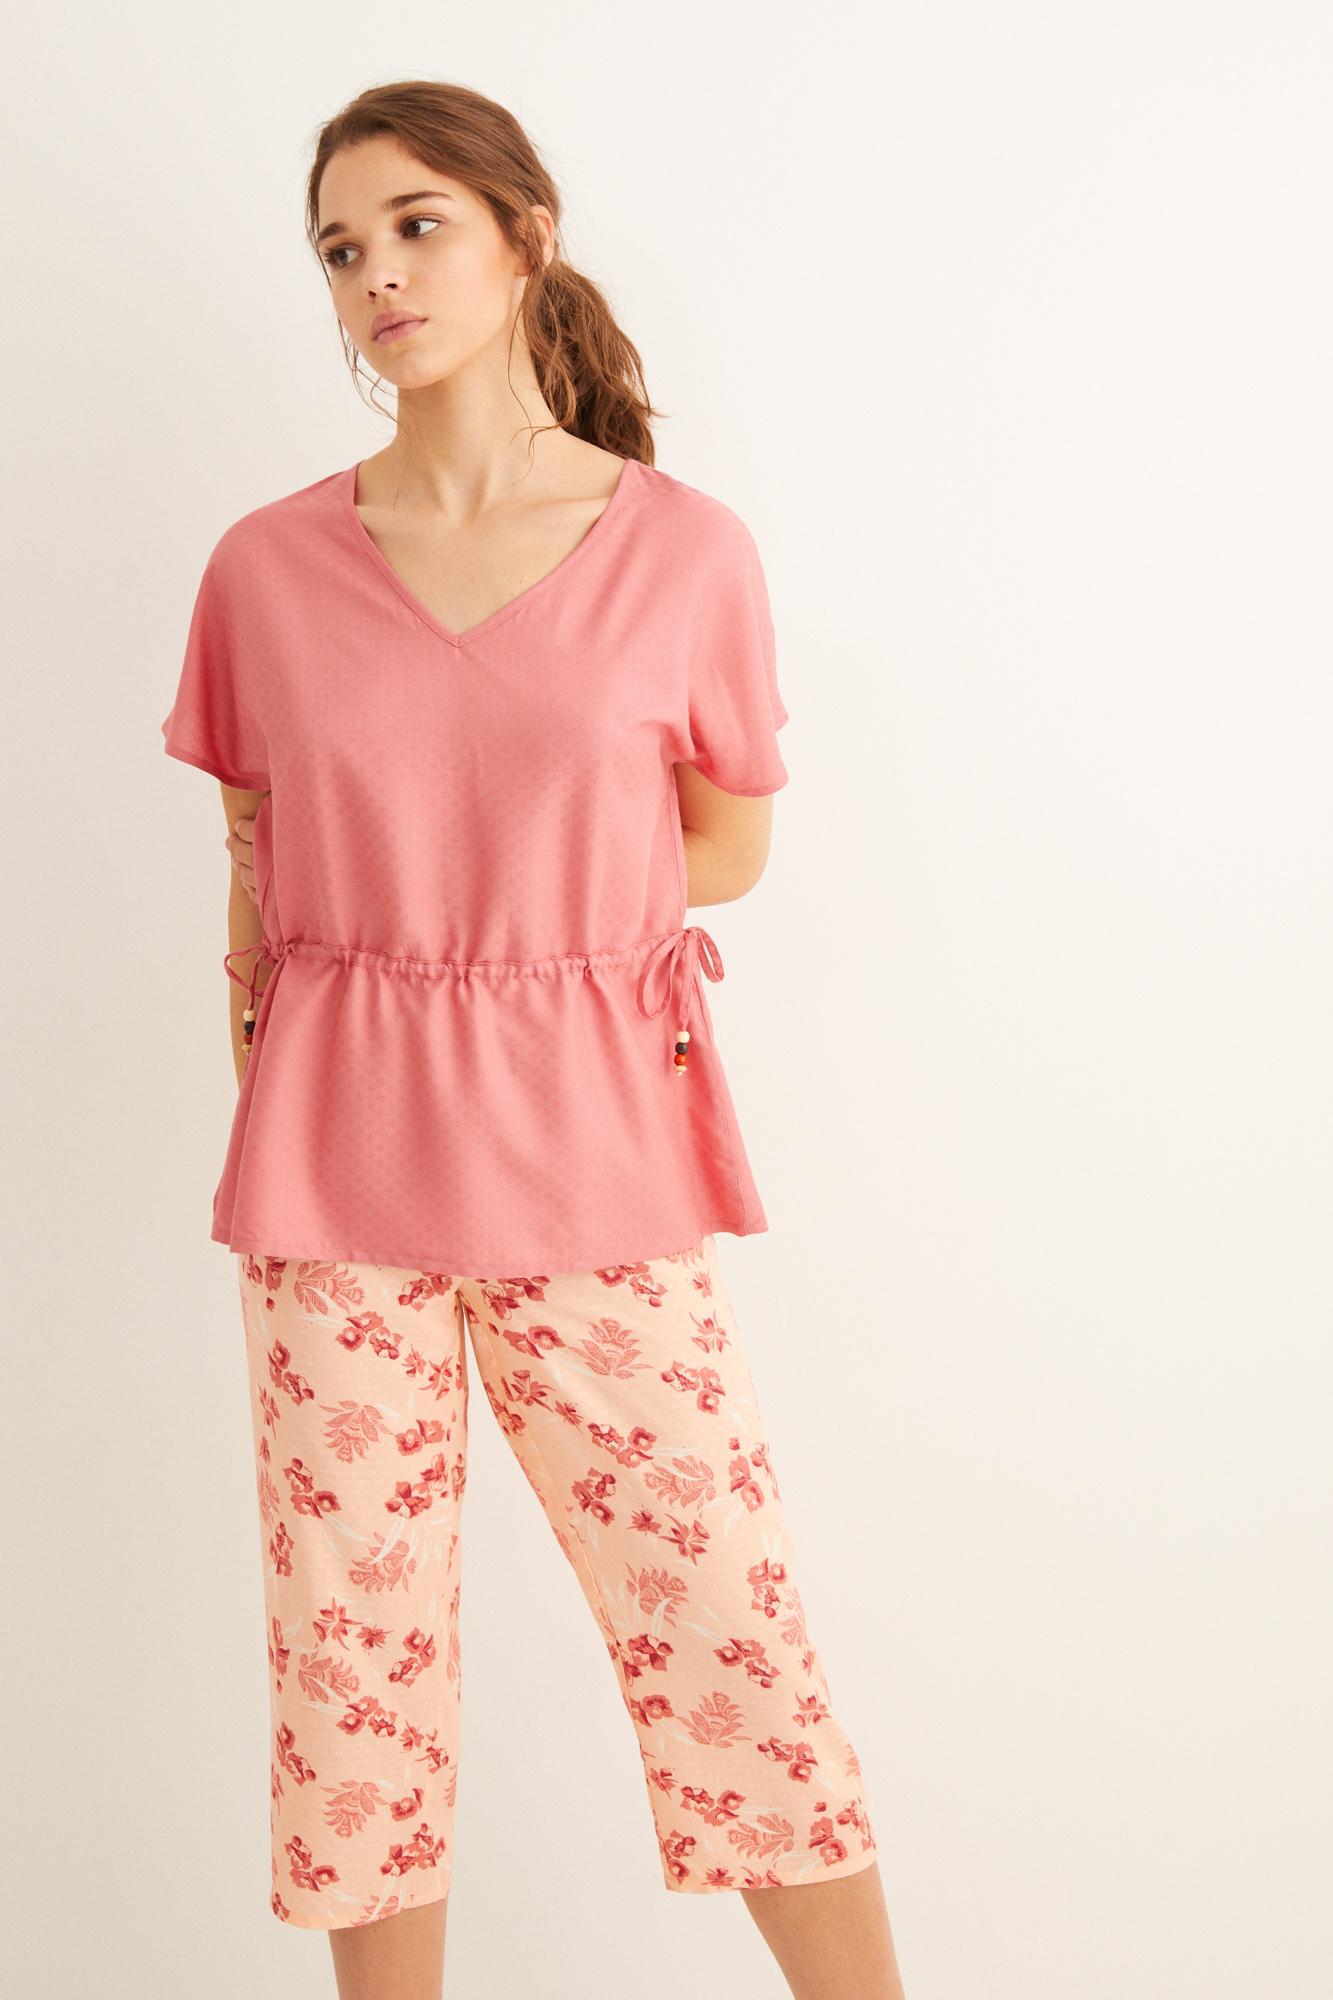 Pijama pantalón capri   Pijamas largos   Women'secret